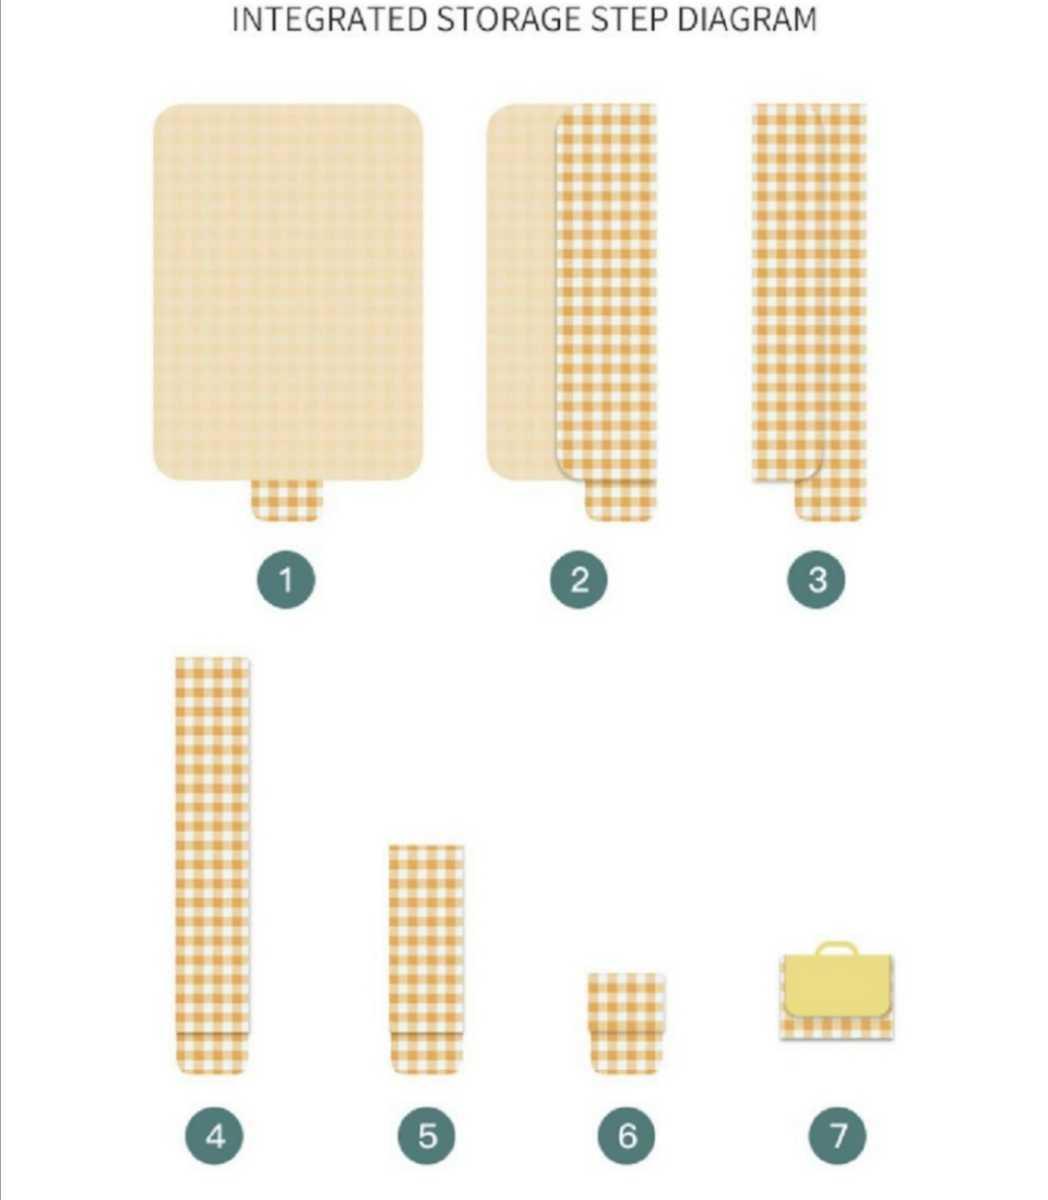 レジャーシート厚手 200CM*200CM 6~8人が使用 防湿マットオックスフォード布ピクニックマットポータブル折りたたみ